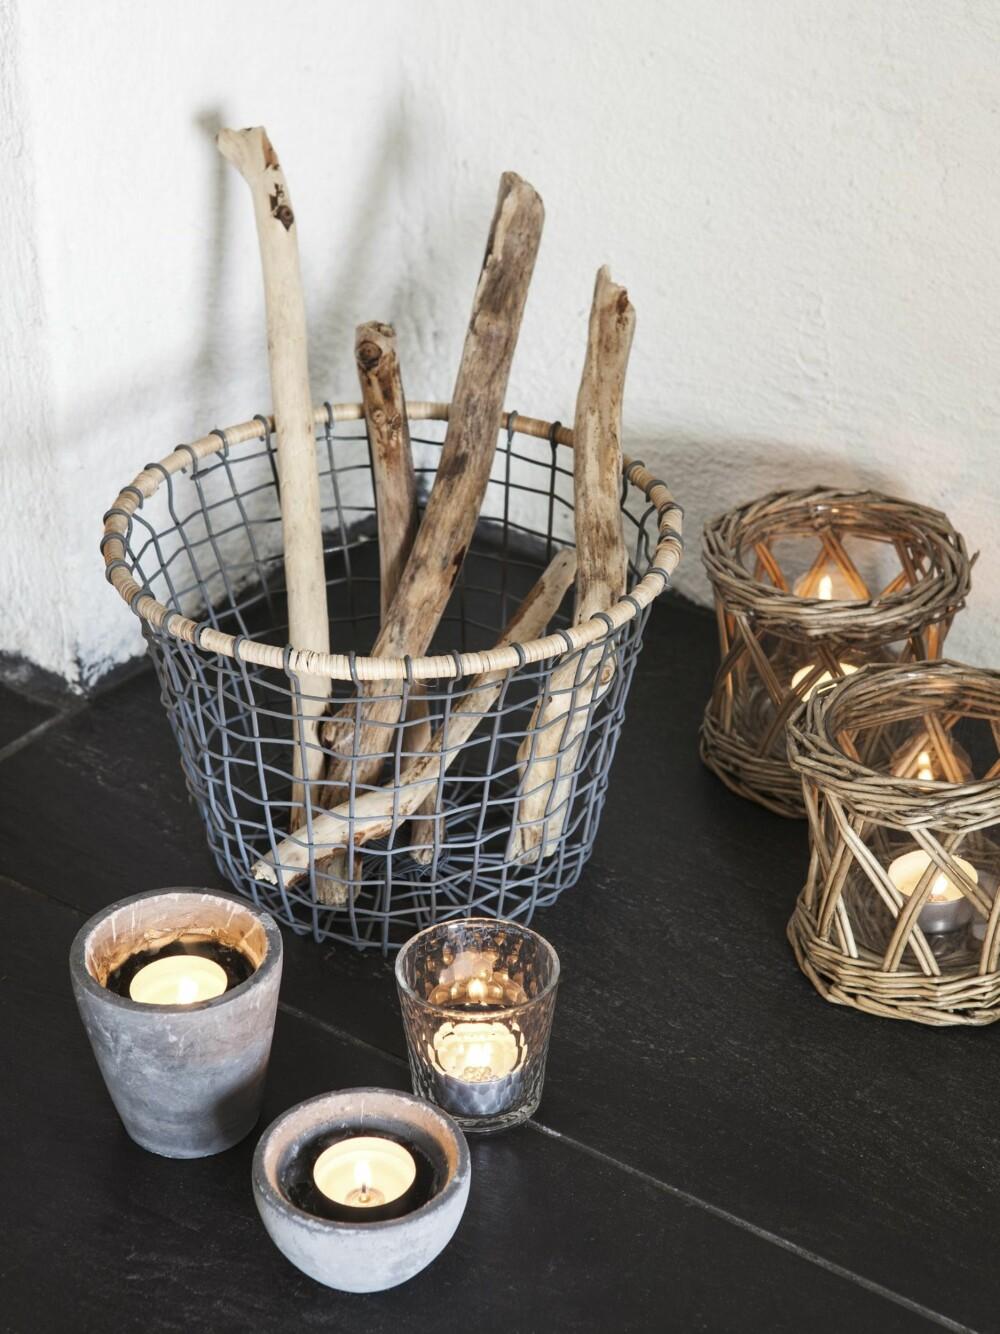 NATUREN INN: Drivved fra fjæra sammen med lysholdere i kurv og betong gir hagestuen tidsriktig dekorasjon.